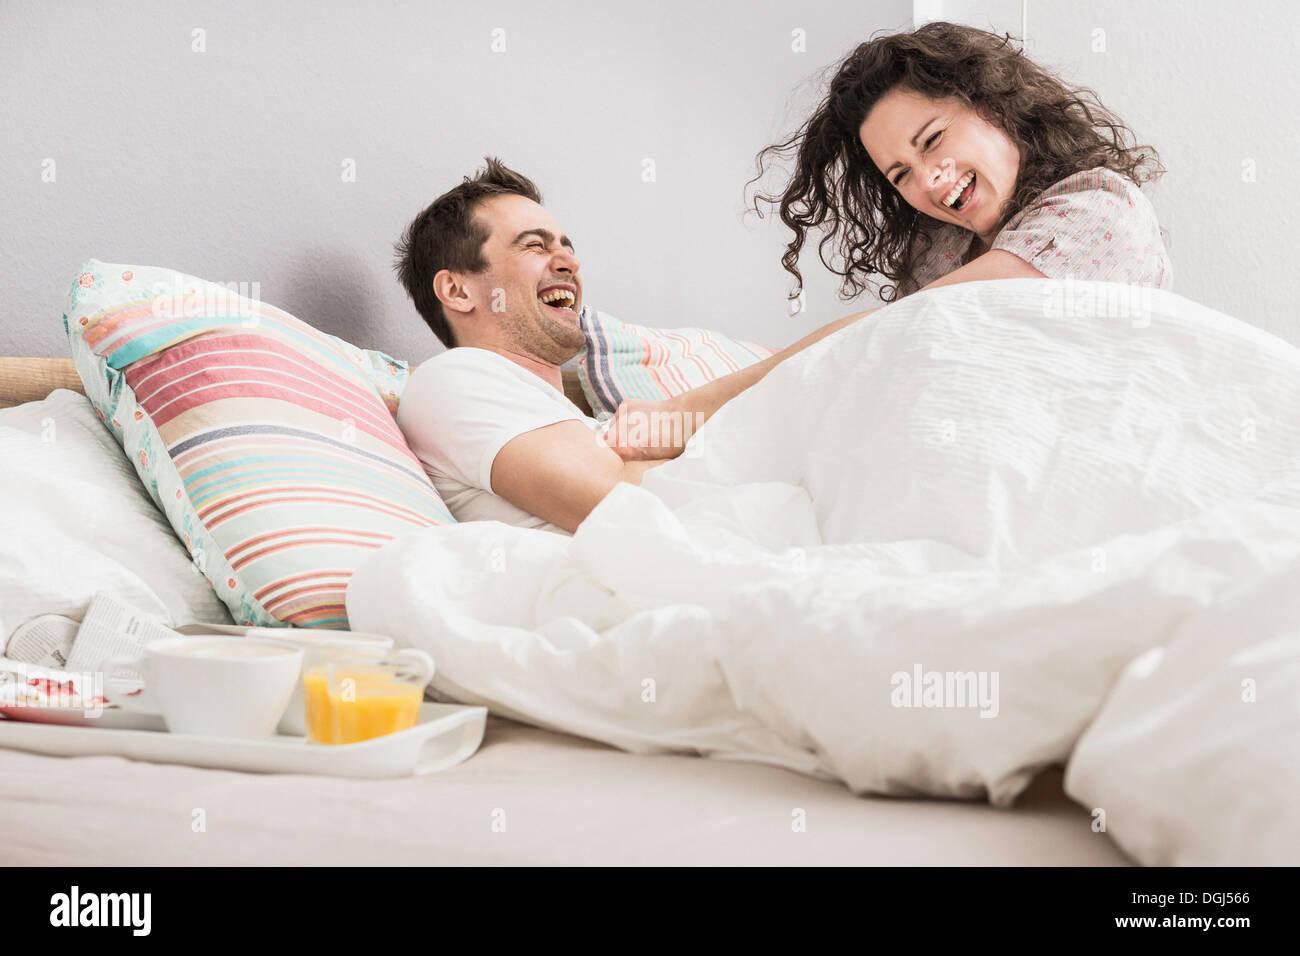 Couple au lit, petit déjeuner sur plateau, pillow fight Photo Stock